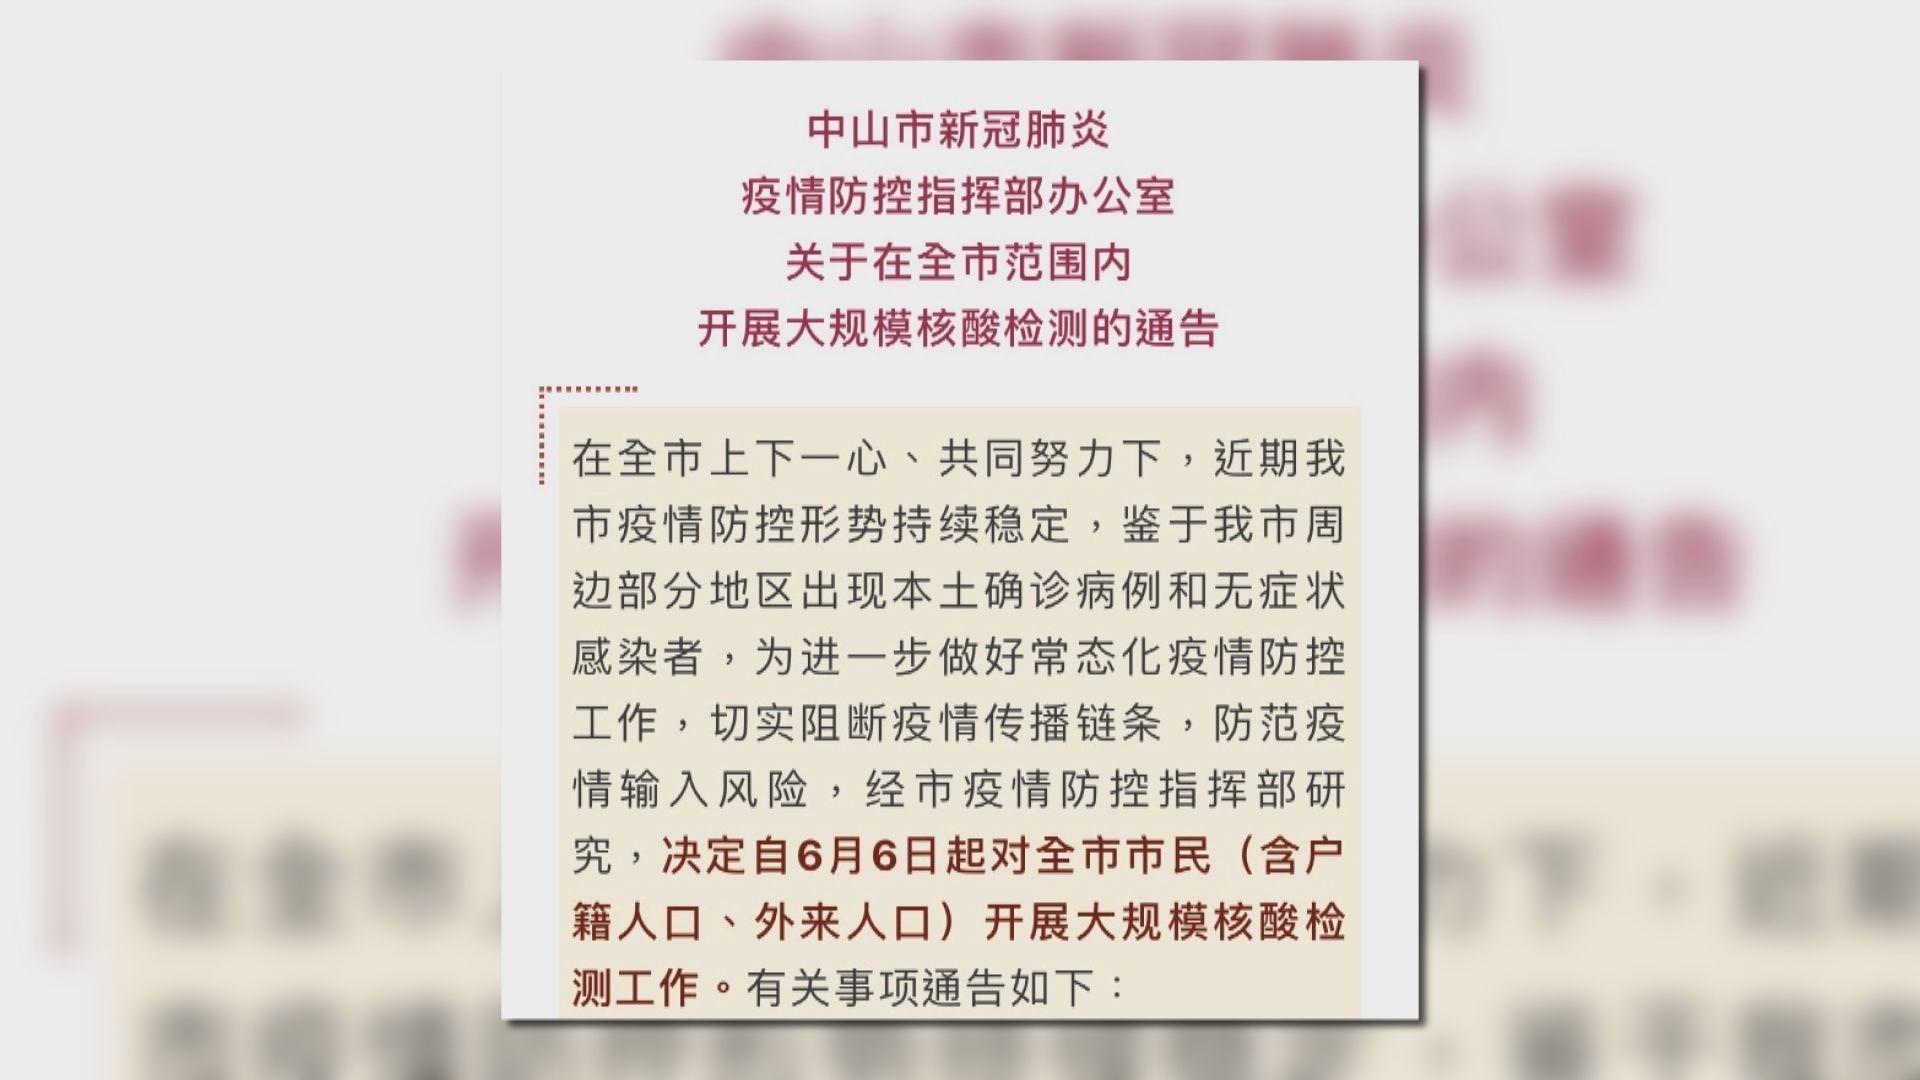 廣州疫情持續 中山宣布全民檢測